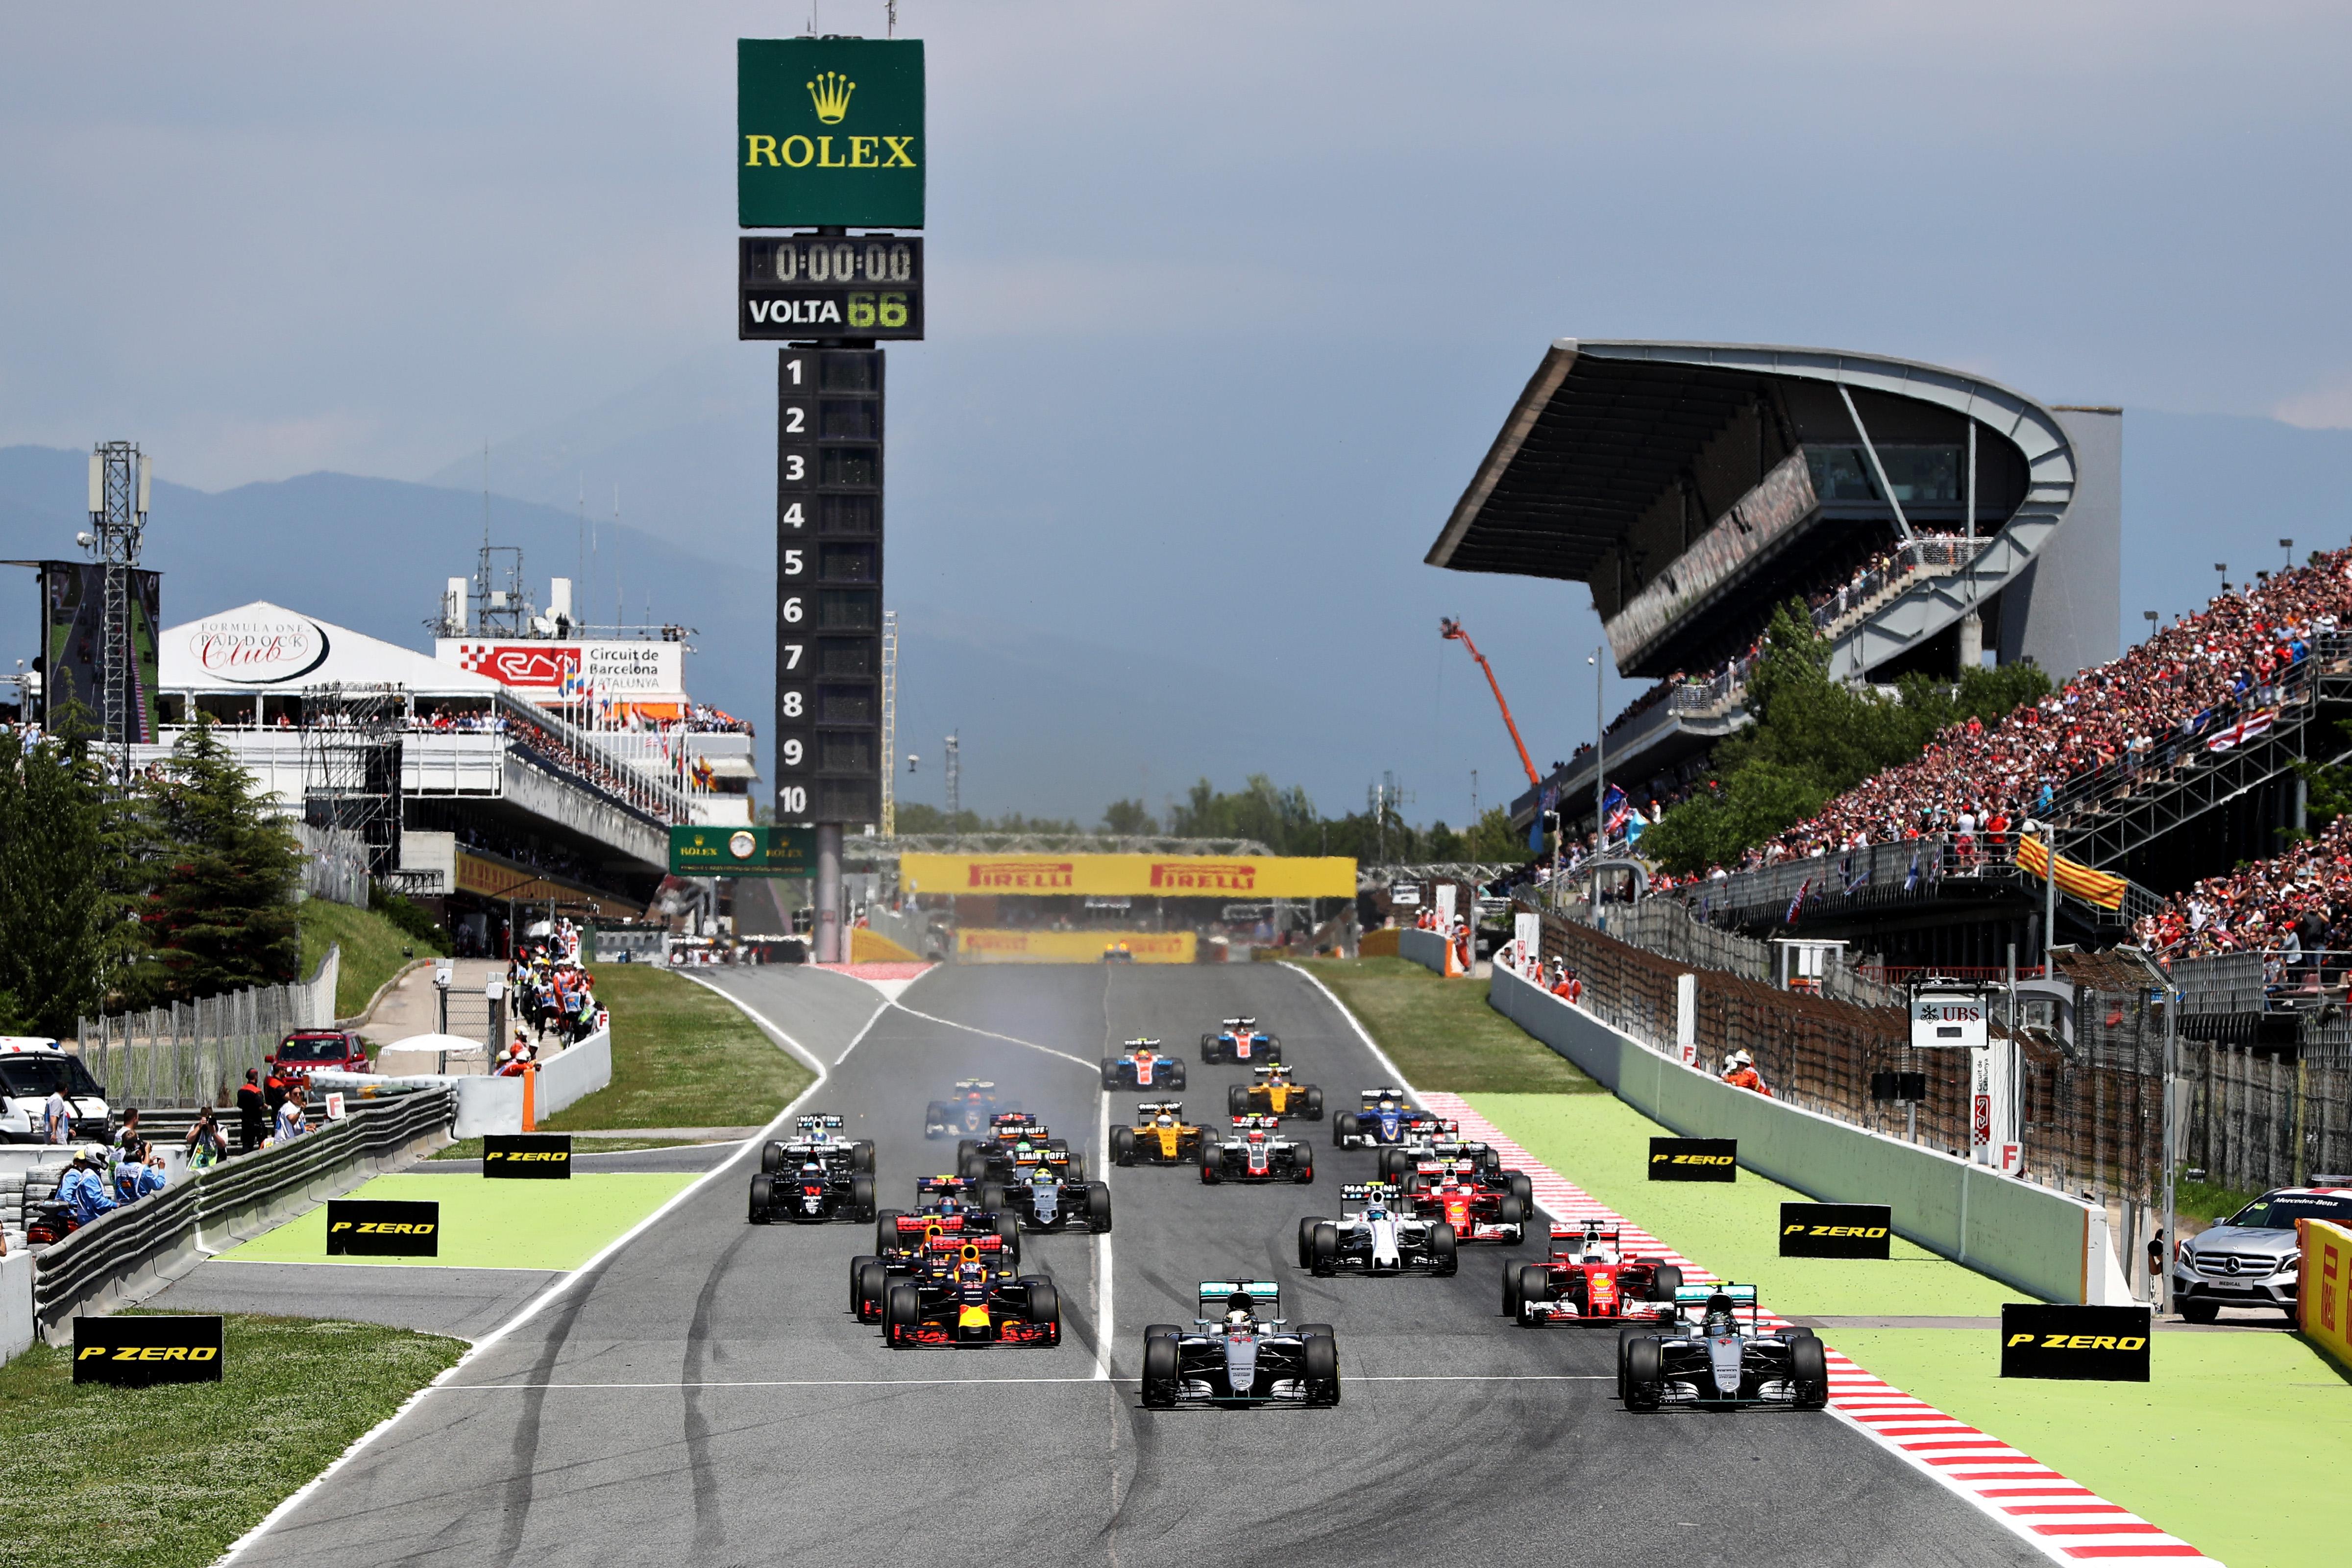 Гран при испании гонка 2016 смотреть